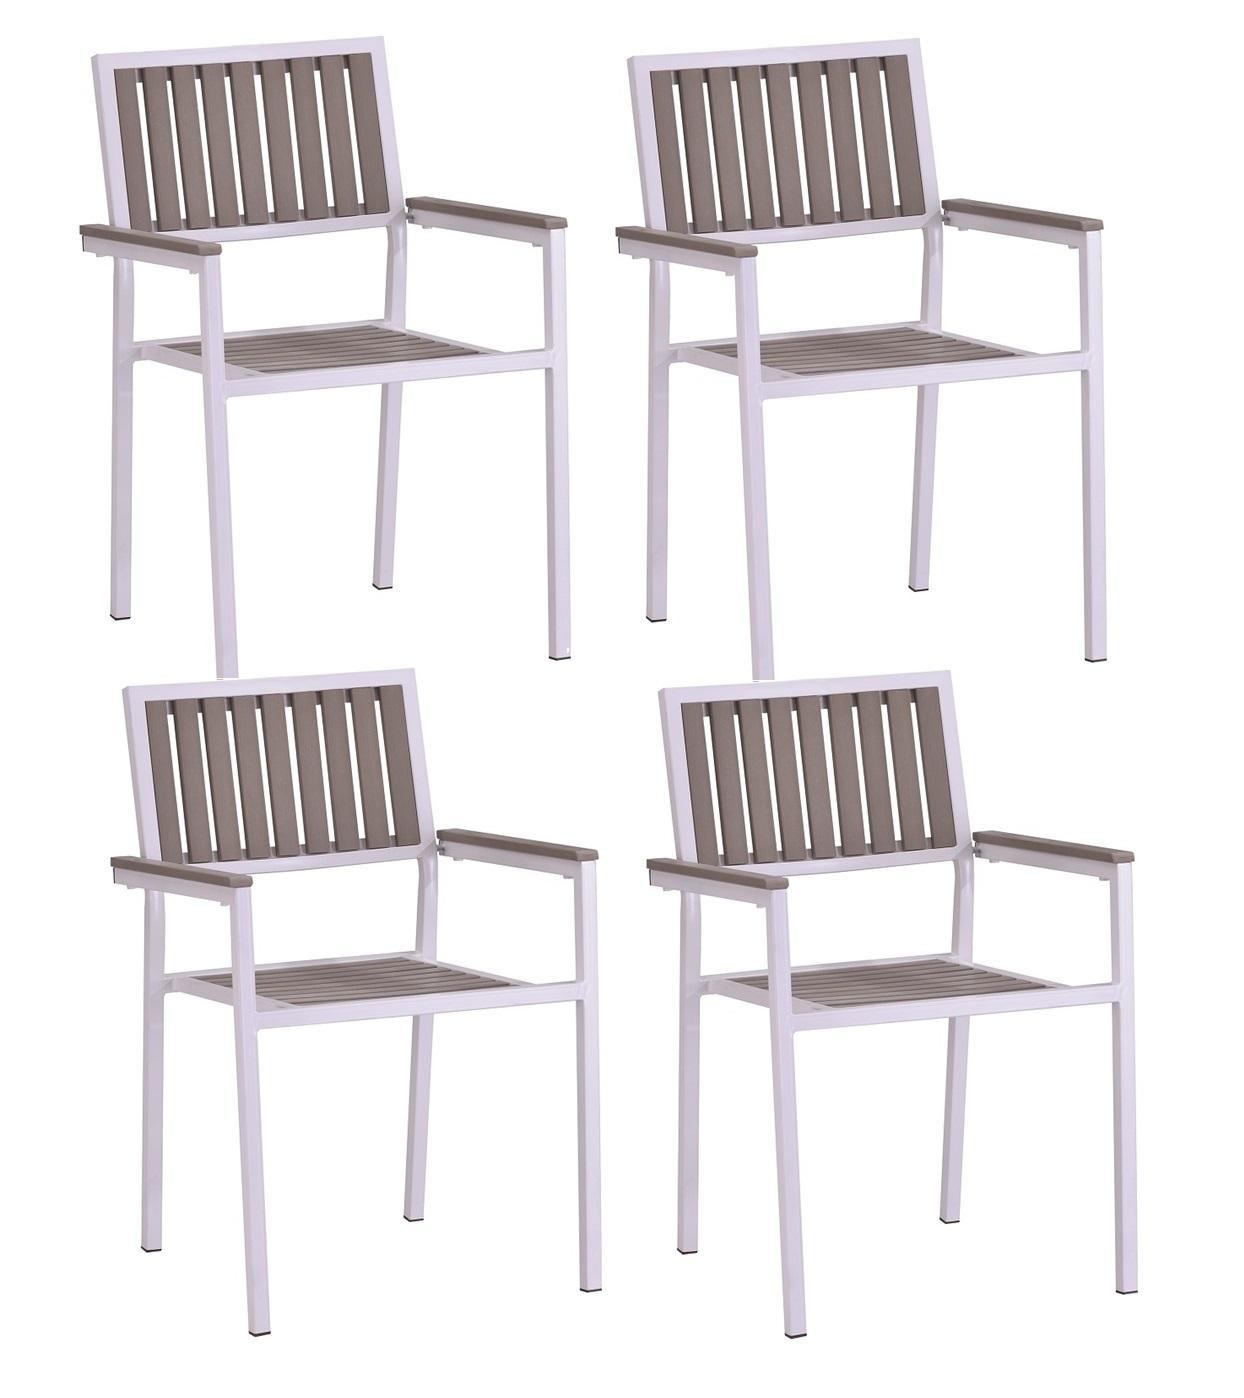 Conjunto alumino gris polywood gris 4 sillas mesa 80x80 Beach